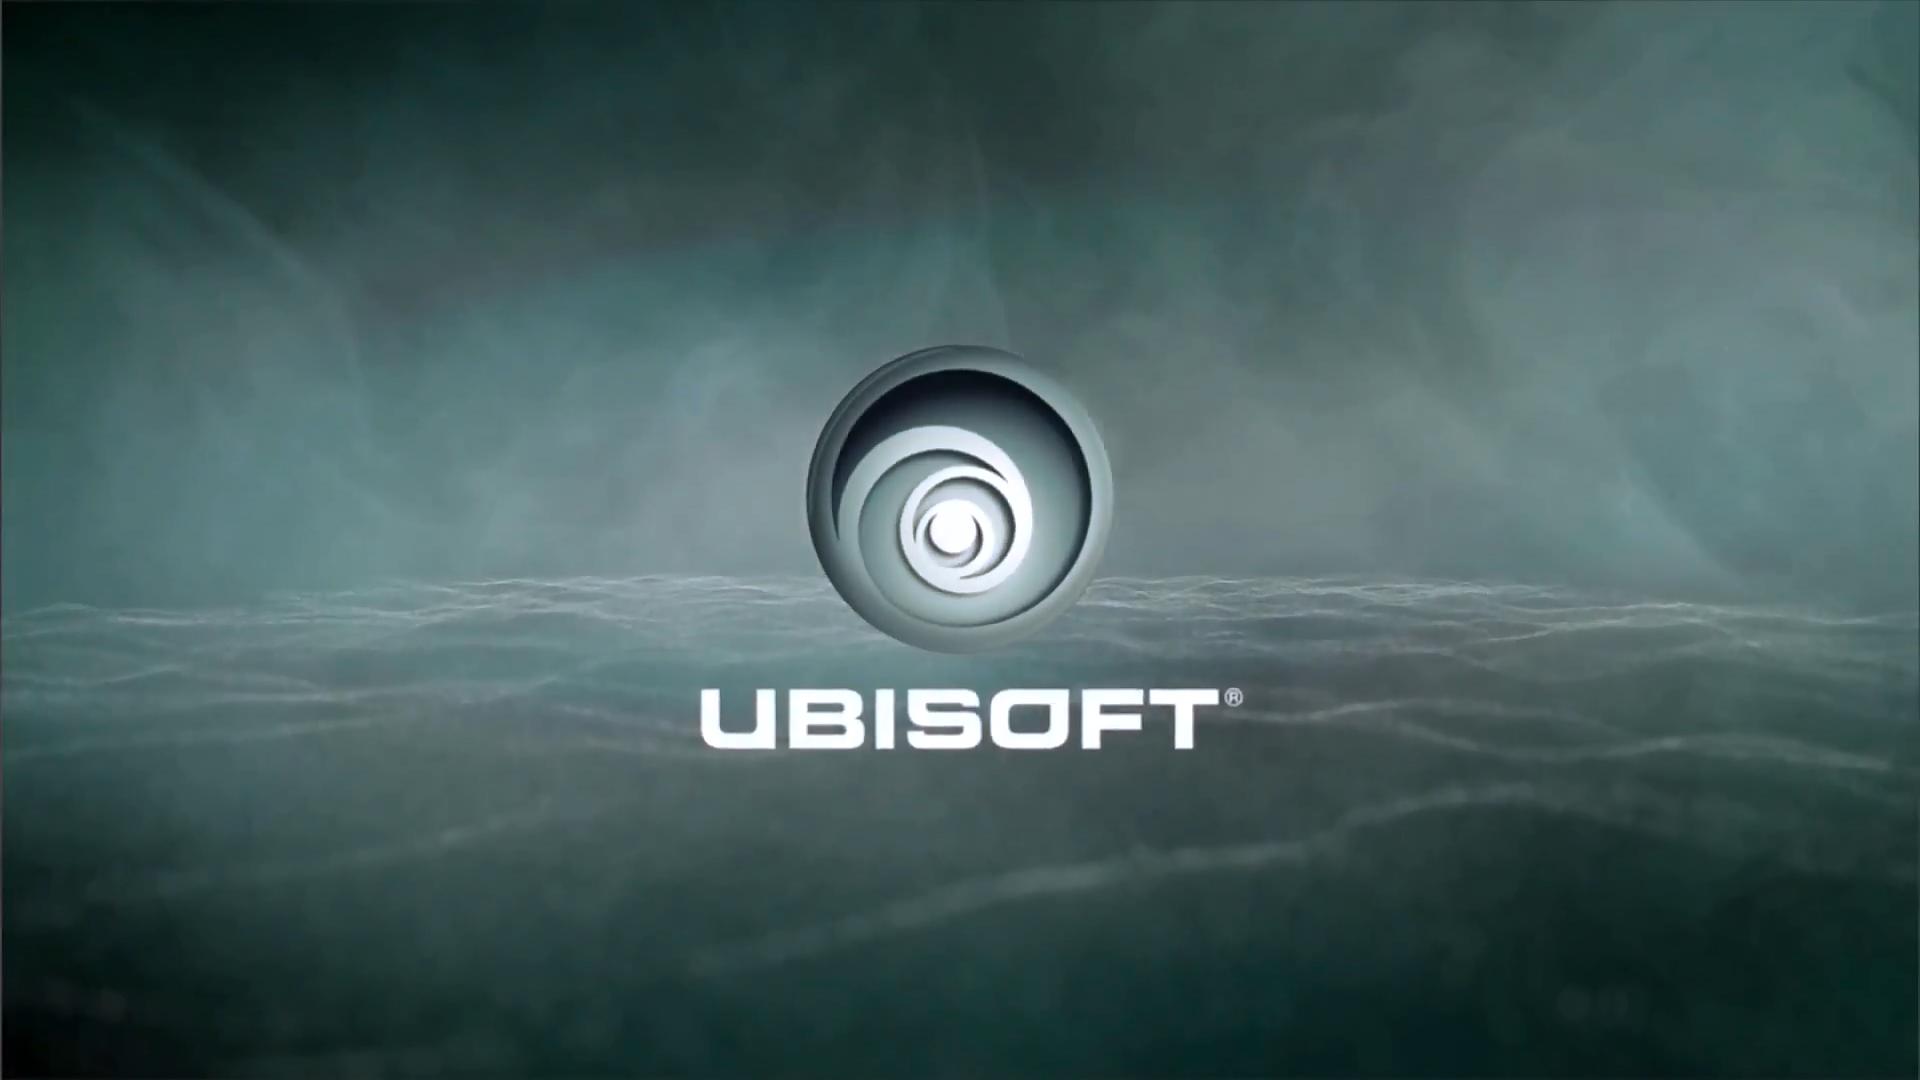 Ubisoft planeia lançar cinco grandes jogos entre 2020 e 2021